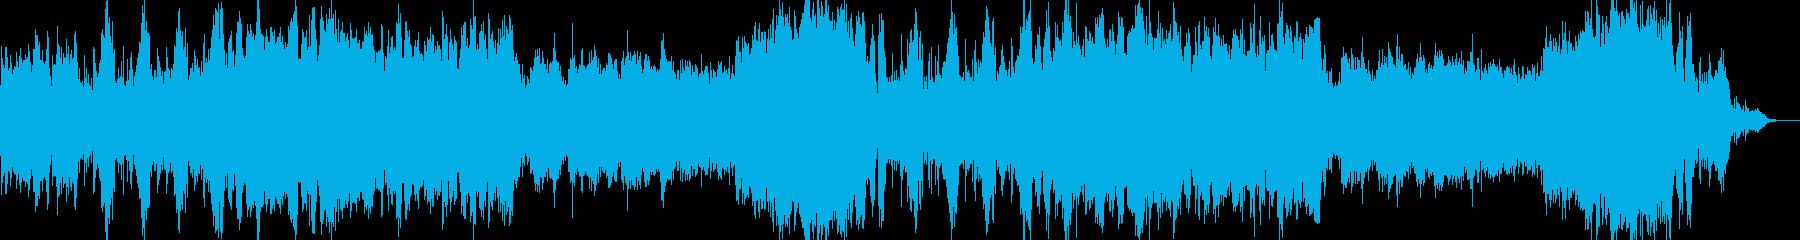 ゲームのバトルのようなオーケストラ曲の再生済みの波形